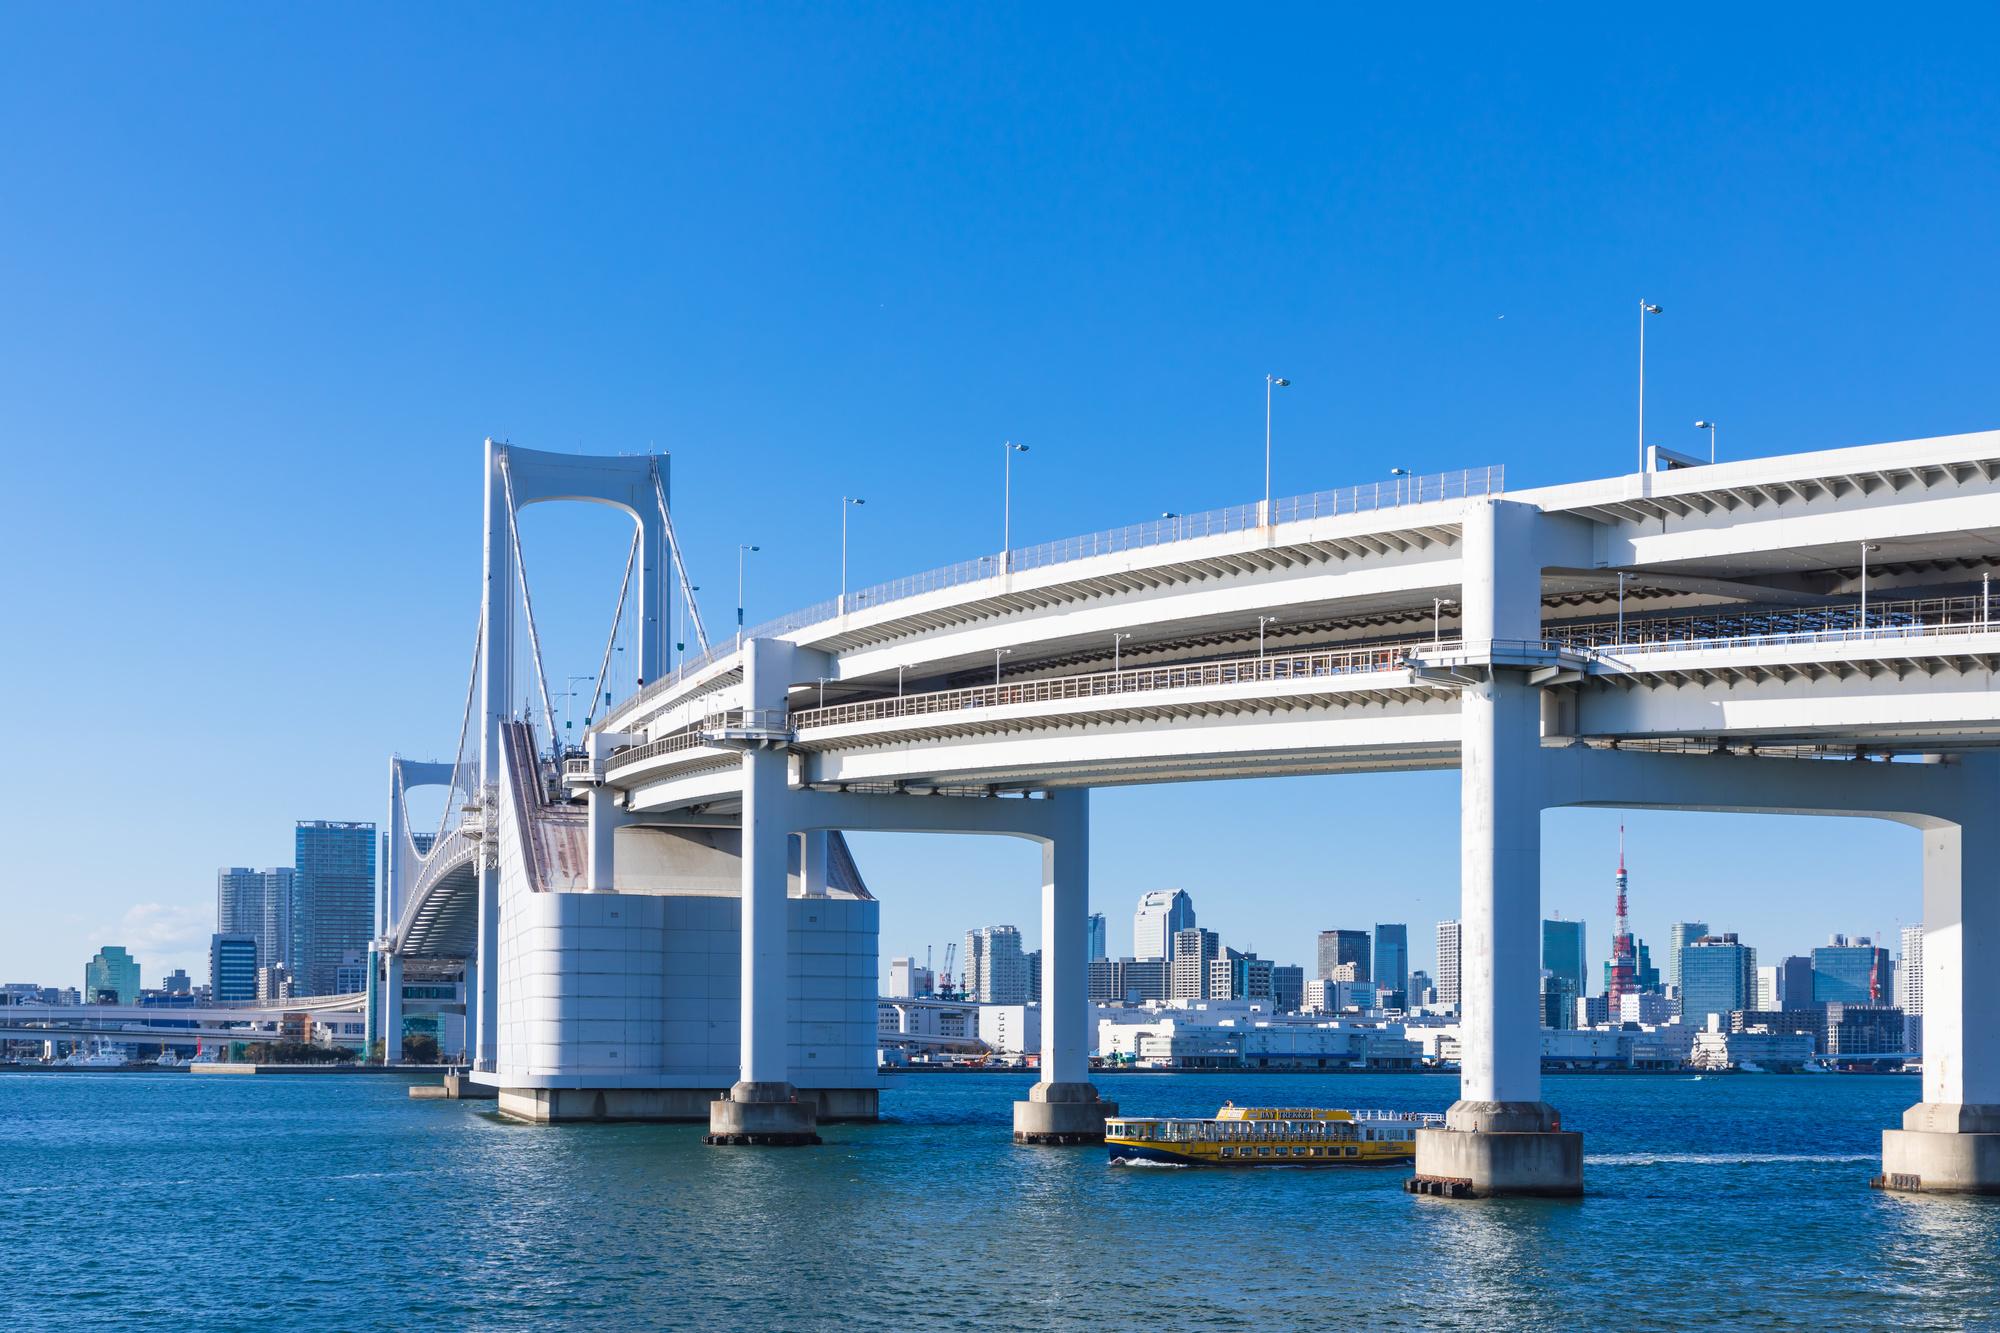 レインボーブリッジと東京のビル群